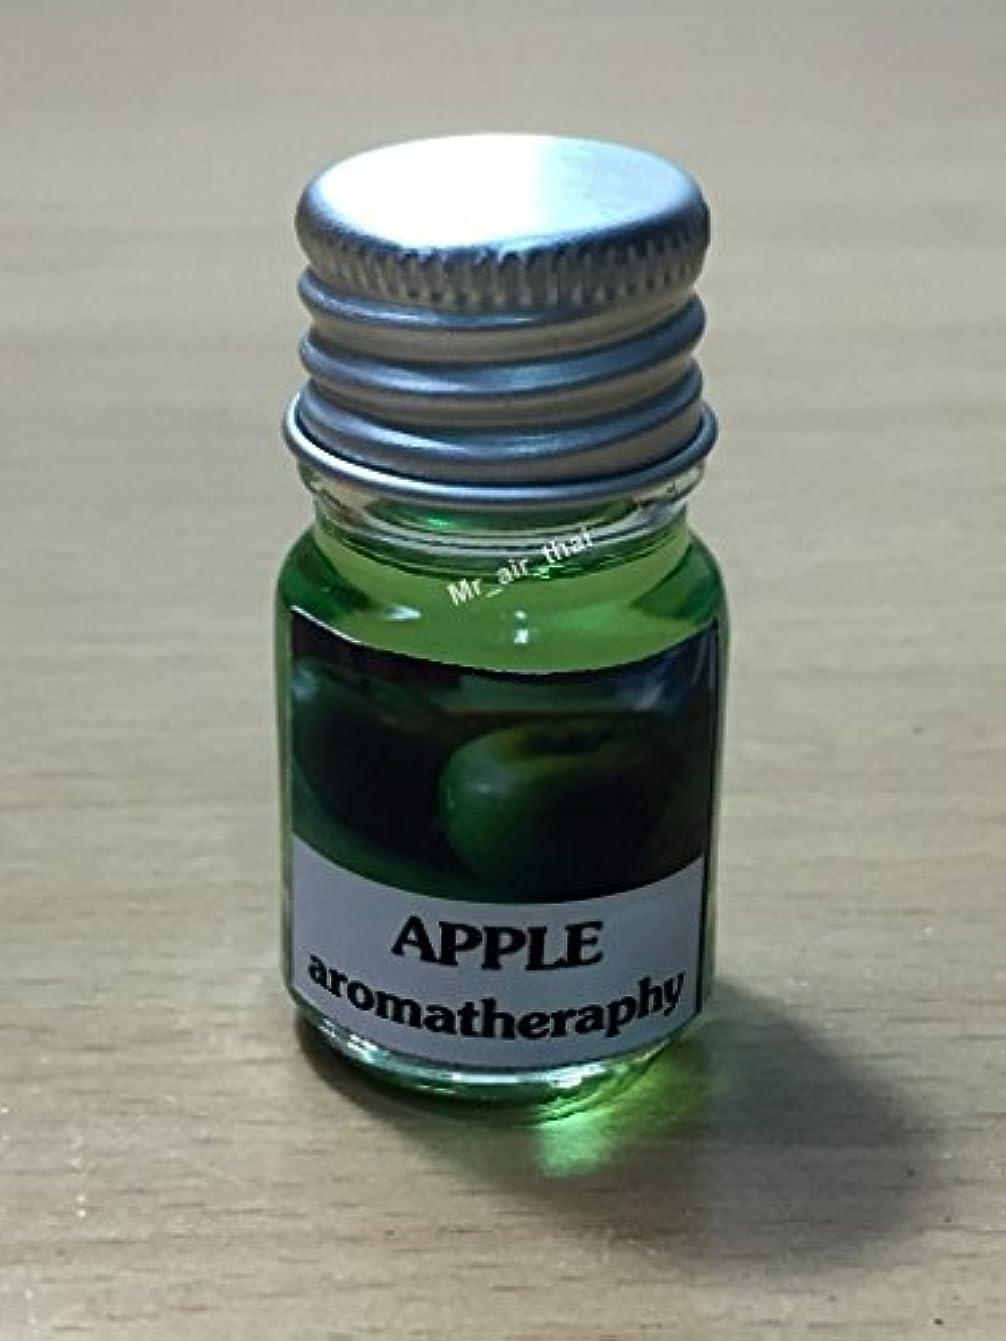 柱送ったいっぱい5ミリリットルアロマアップル(グリーン)フランクインセンスエッセンシャルオイルボトルアロマテラピーオイル自然自然5ml Aroma Apple (Green) Frankincense Essential Oil Bottles...